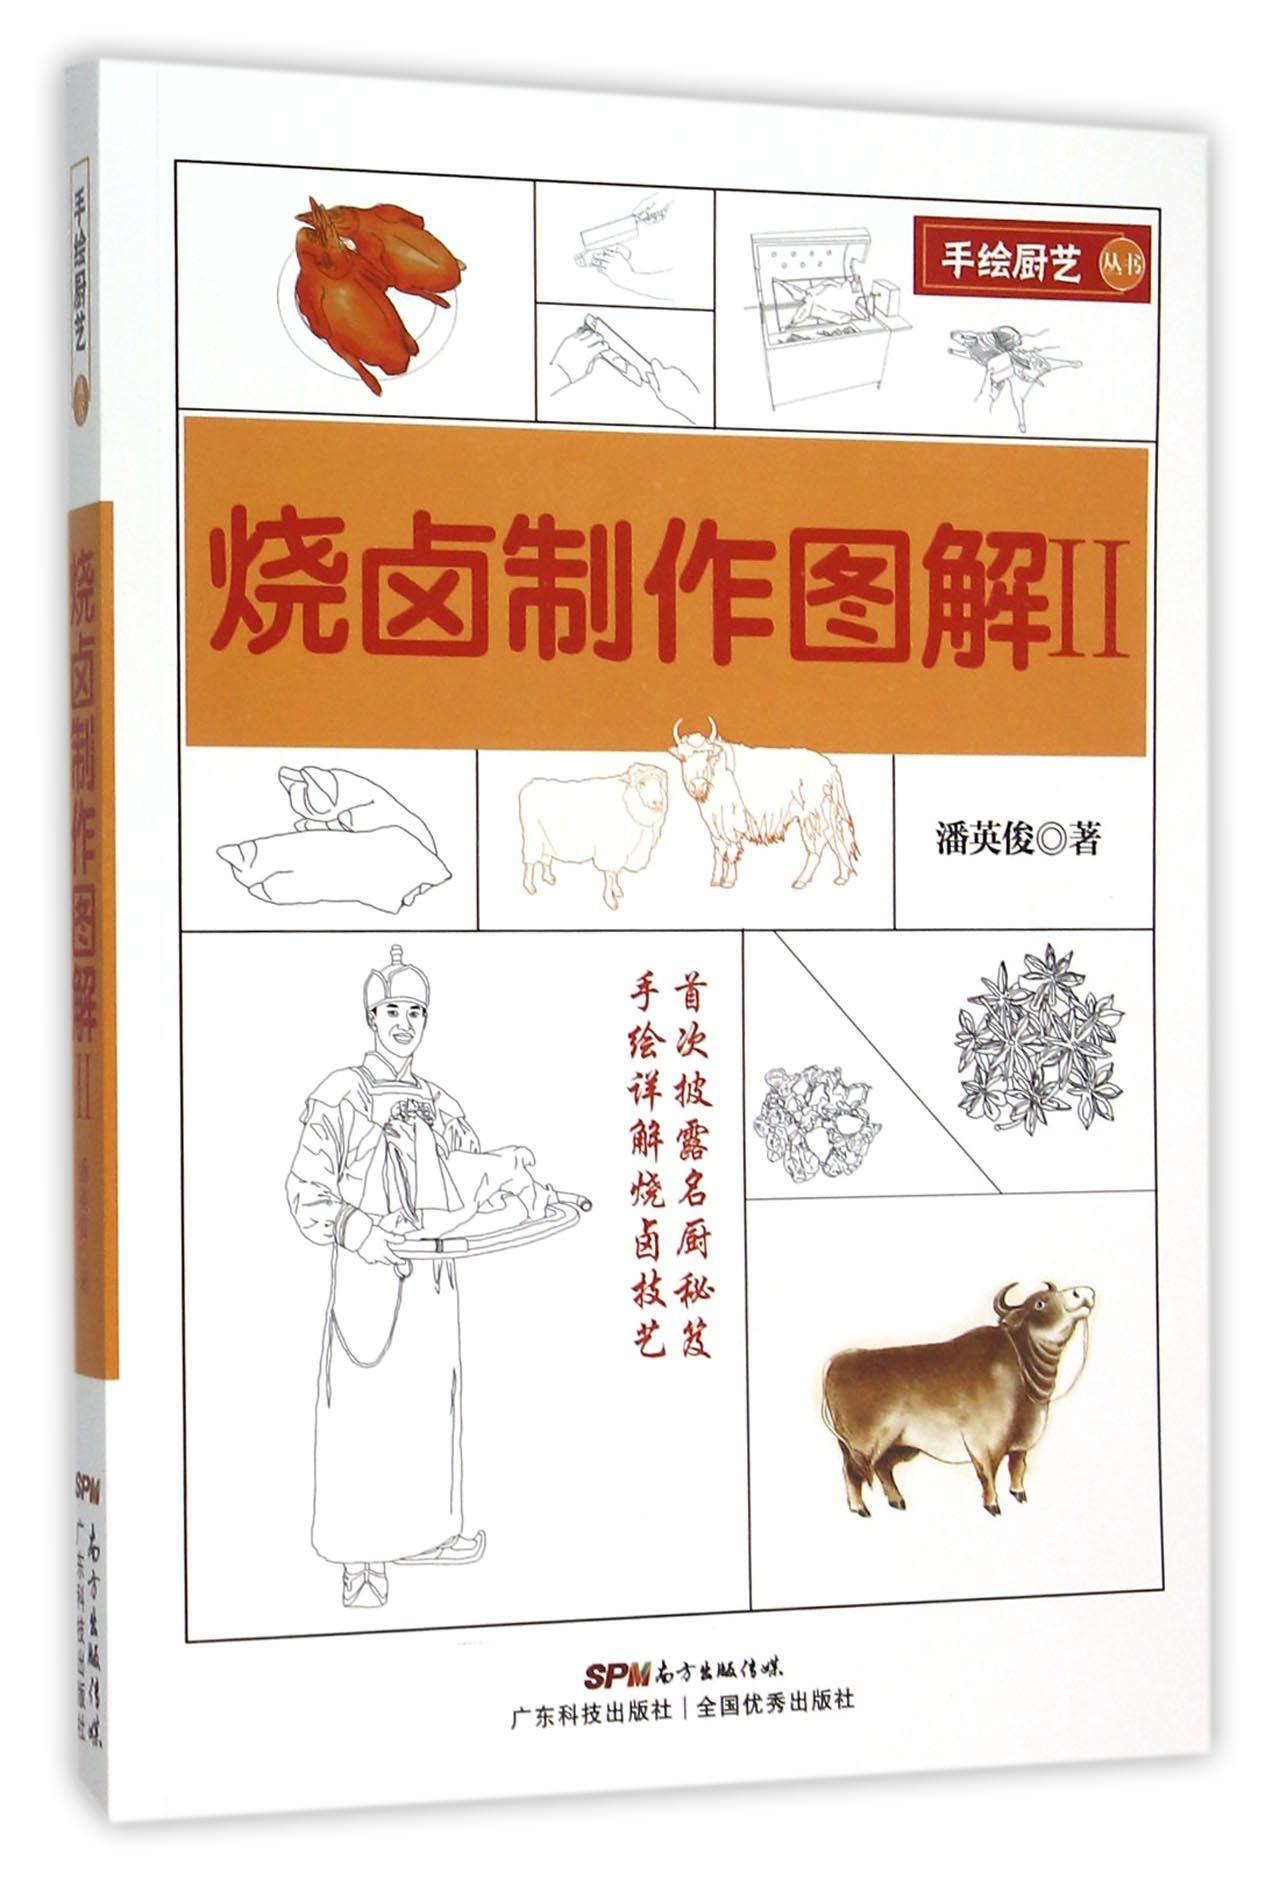 烧卤制作图解(Ⅱ)